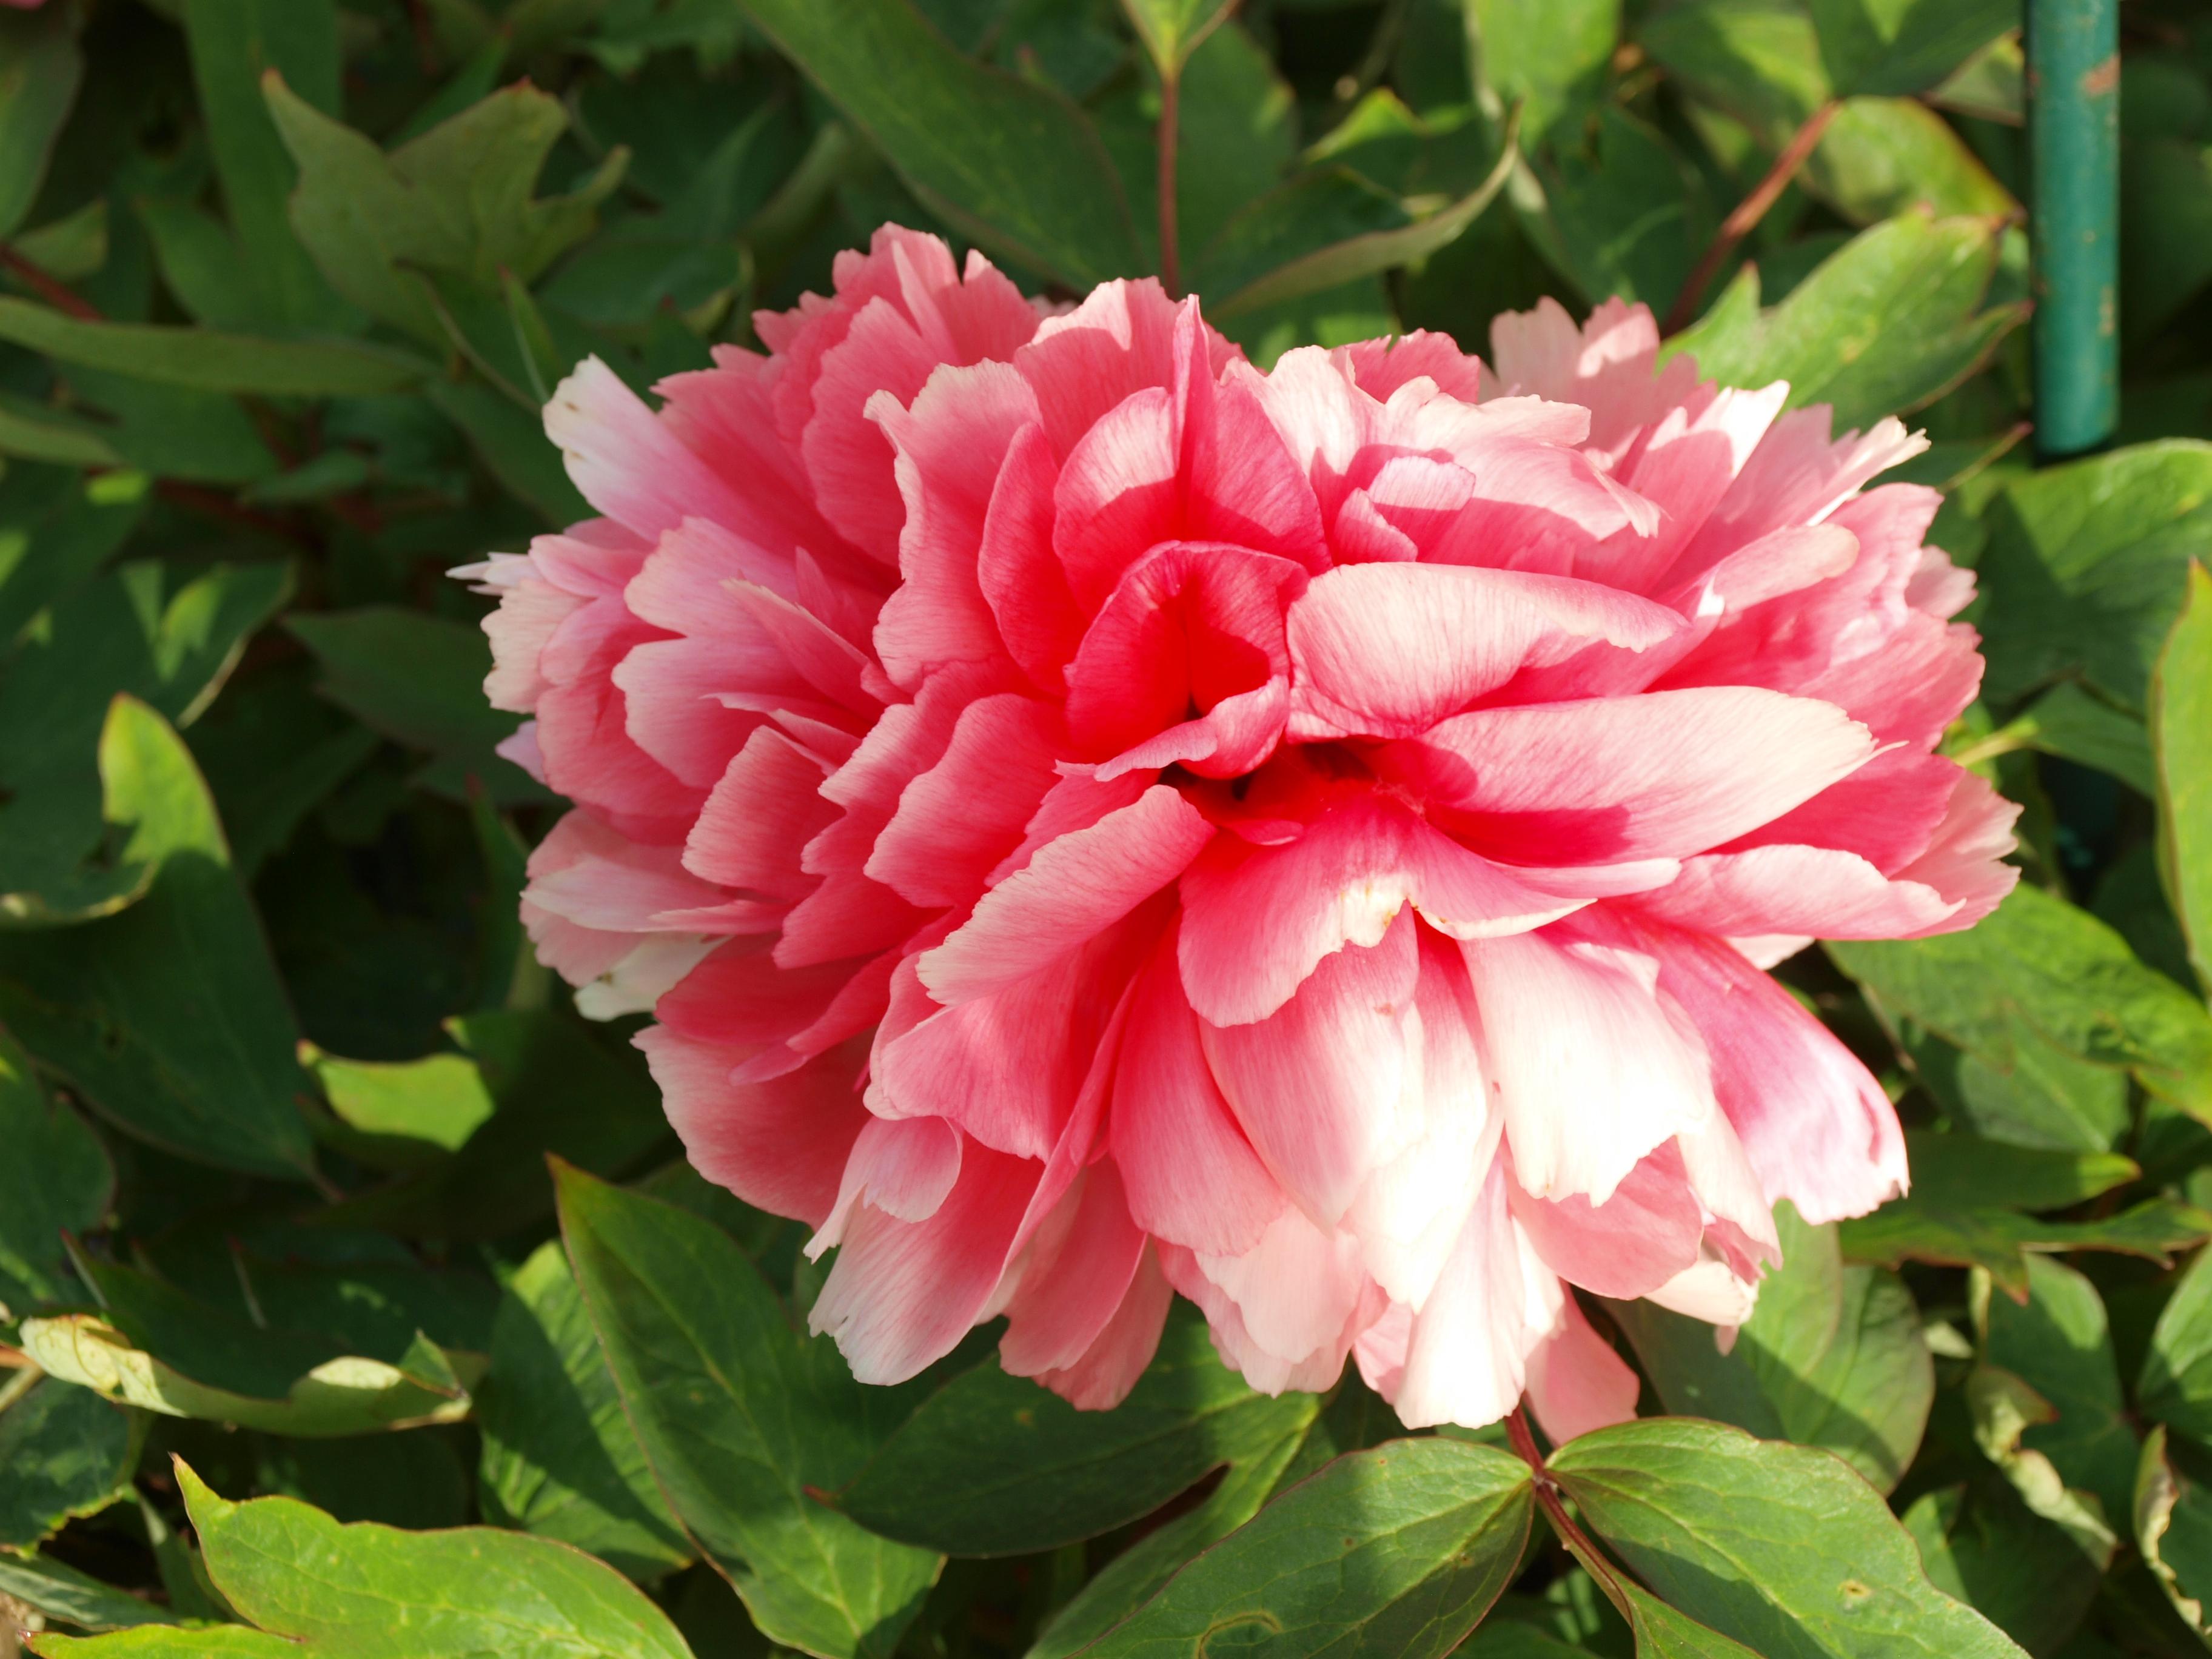 Rose da giardino cespugli e panchine da giardino usate - Giardino con rose ...